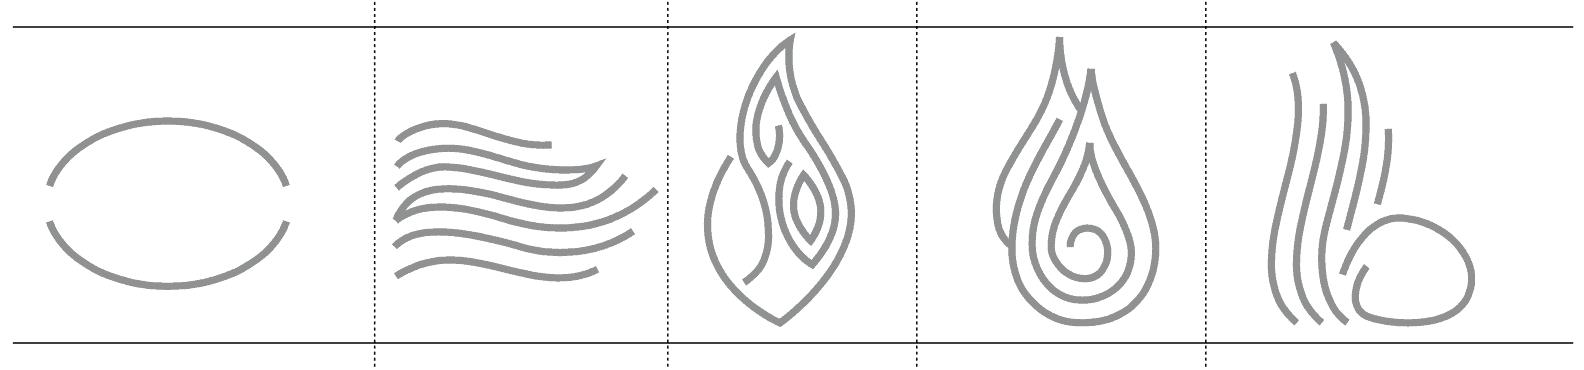 DOSHA Symbols